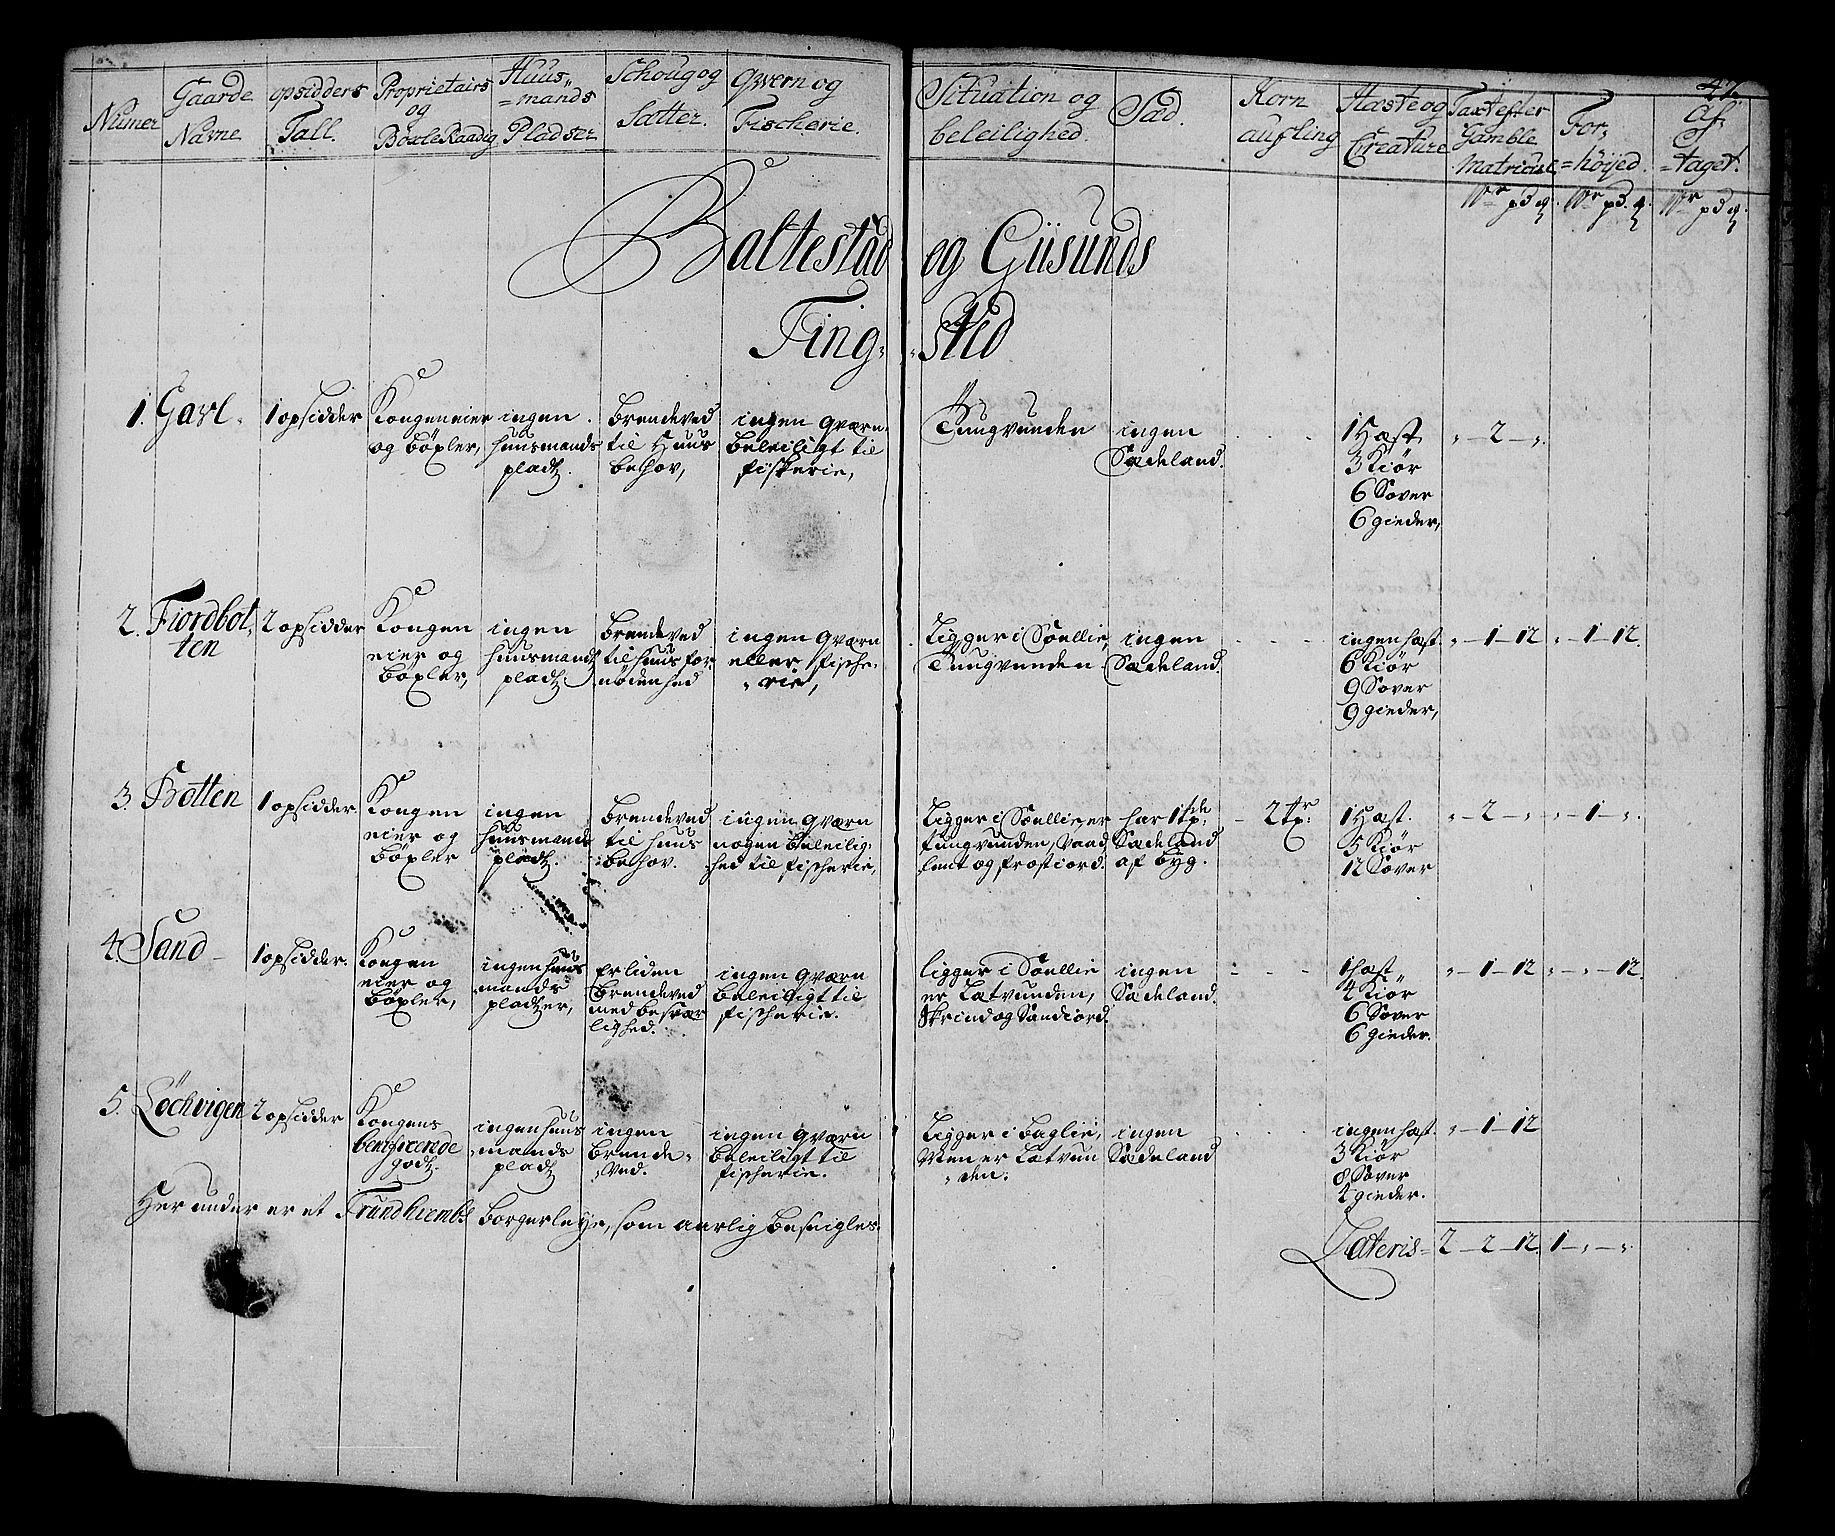 RA, Rentekammeret inntil 1814, Realistisk ordnet avdeling, N/Nb/Nbf/L0178: Senja eksaminasjonsprotokoll, 1723, s. 46b-47a